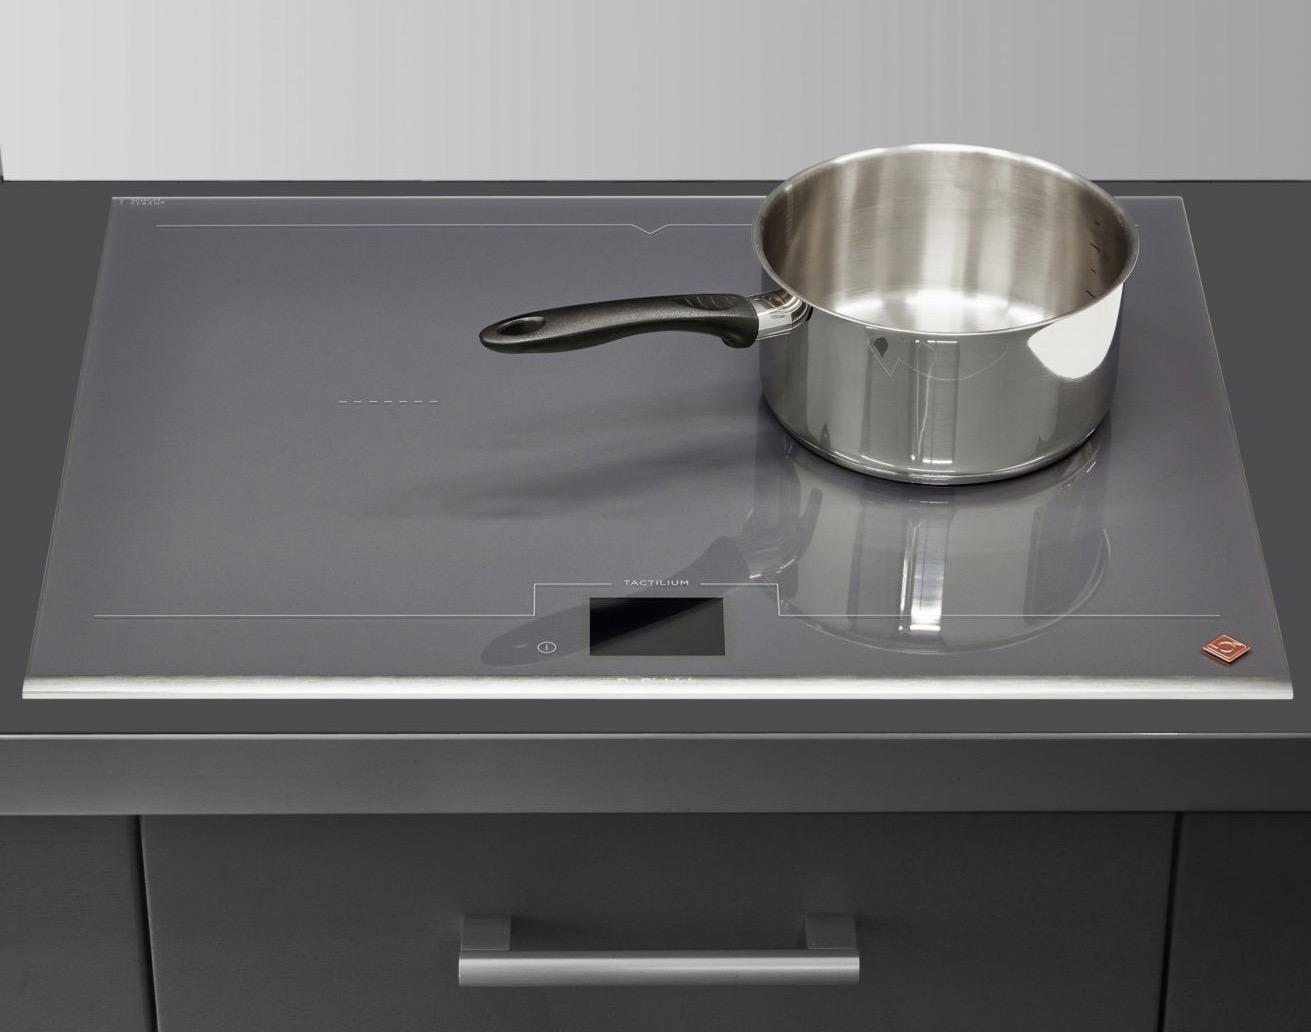 Plat En Verre Sur Plaque Induction table induction de dietrich dpi7698gs à 899€ < promos, deals